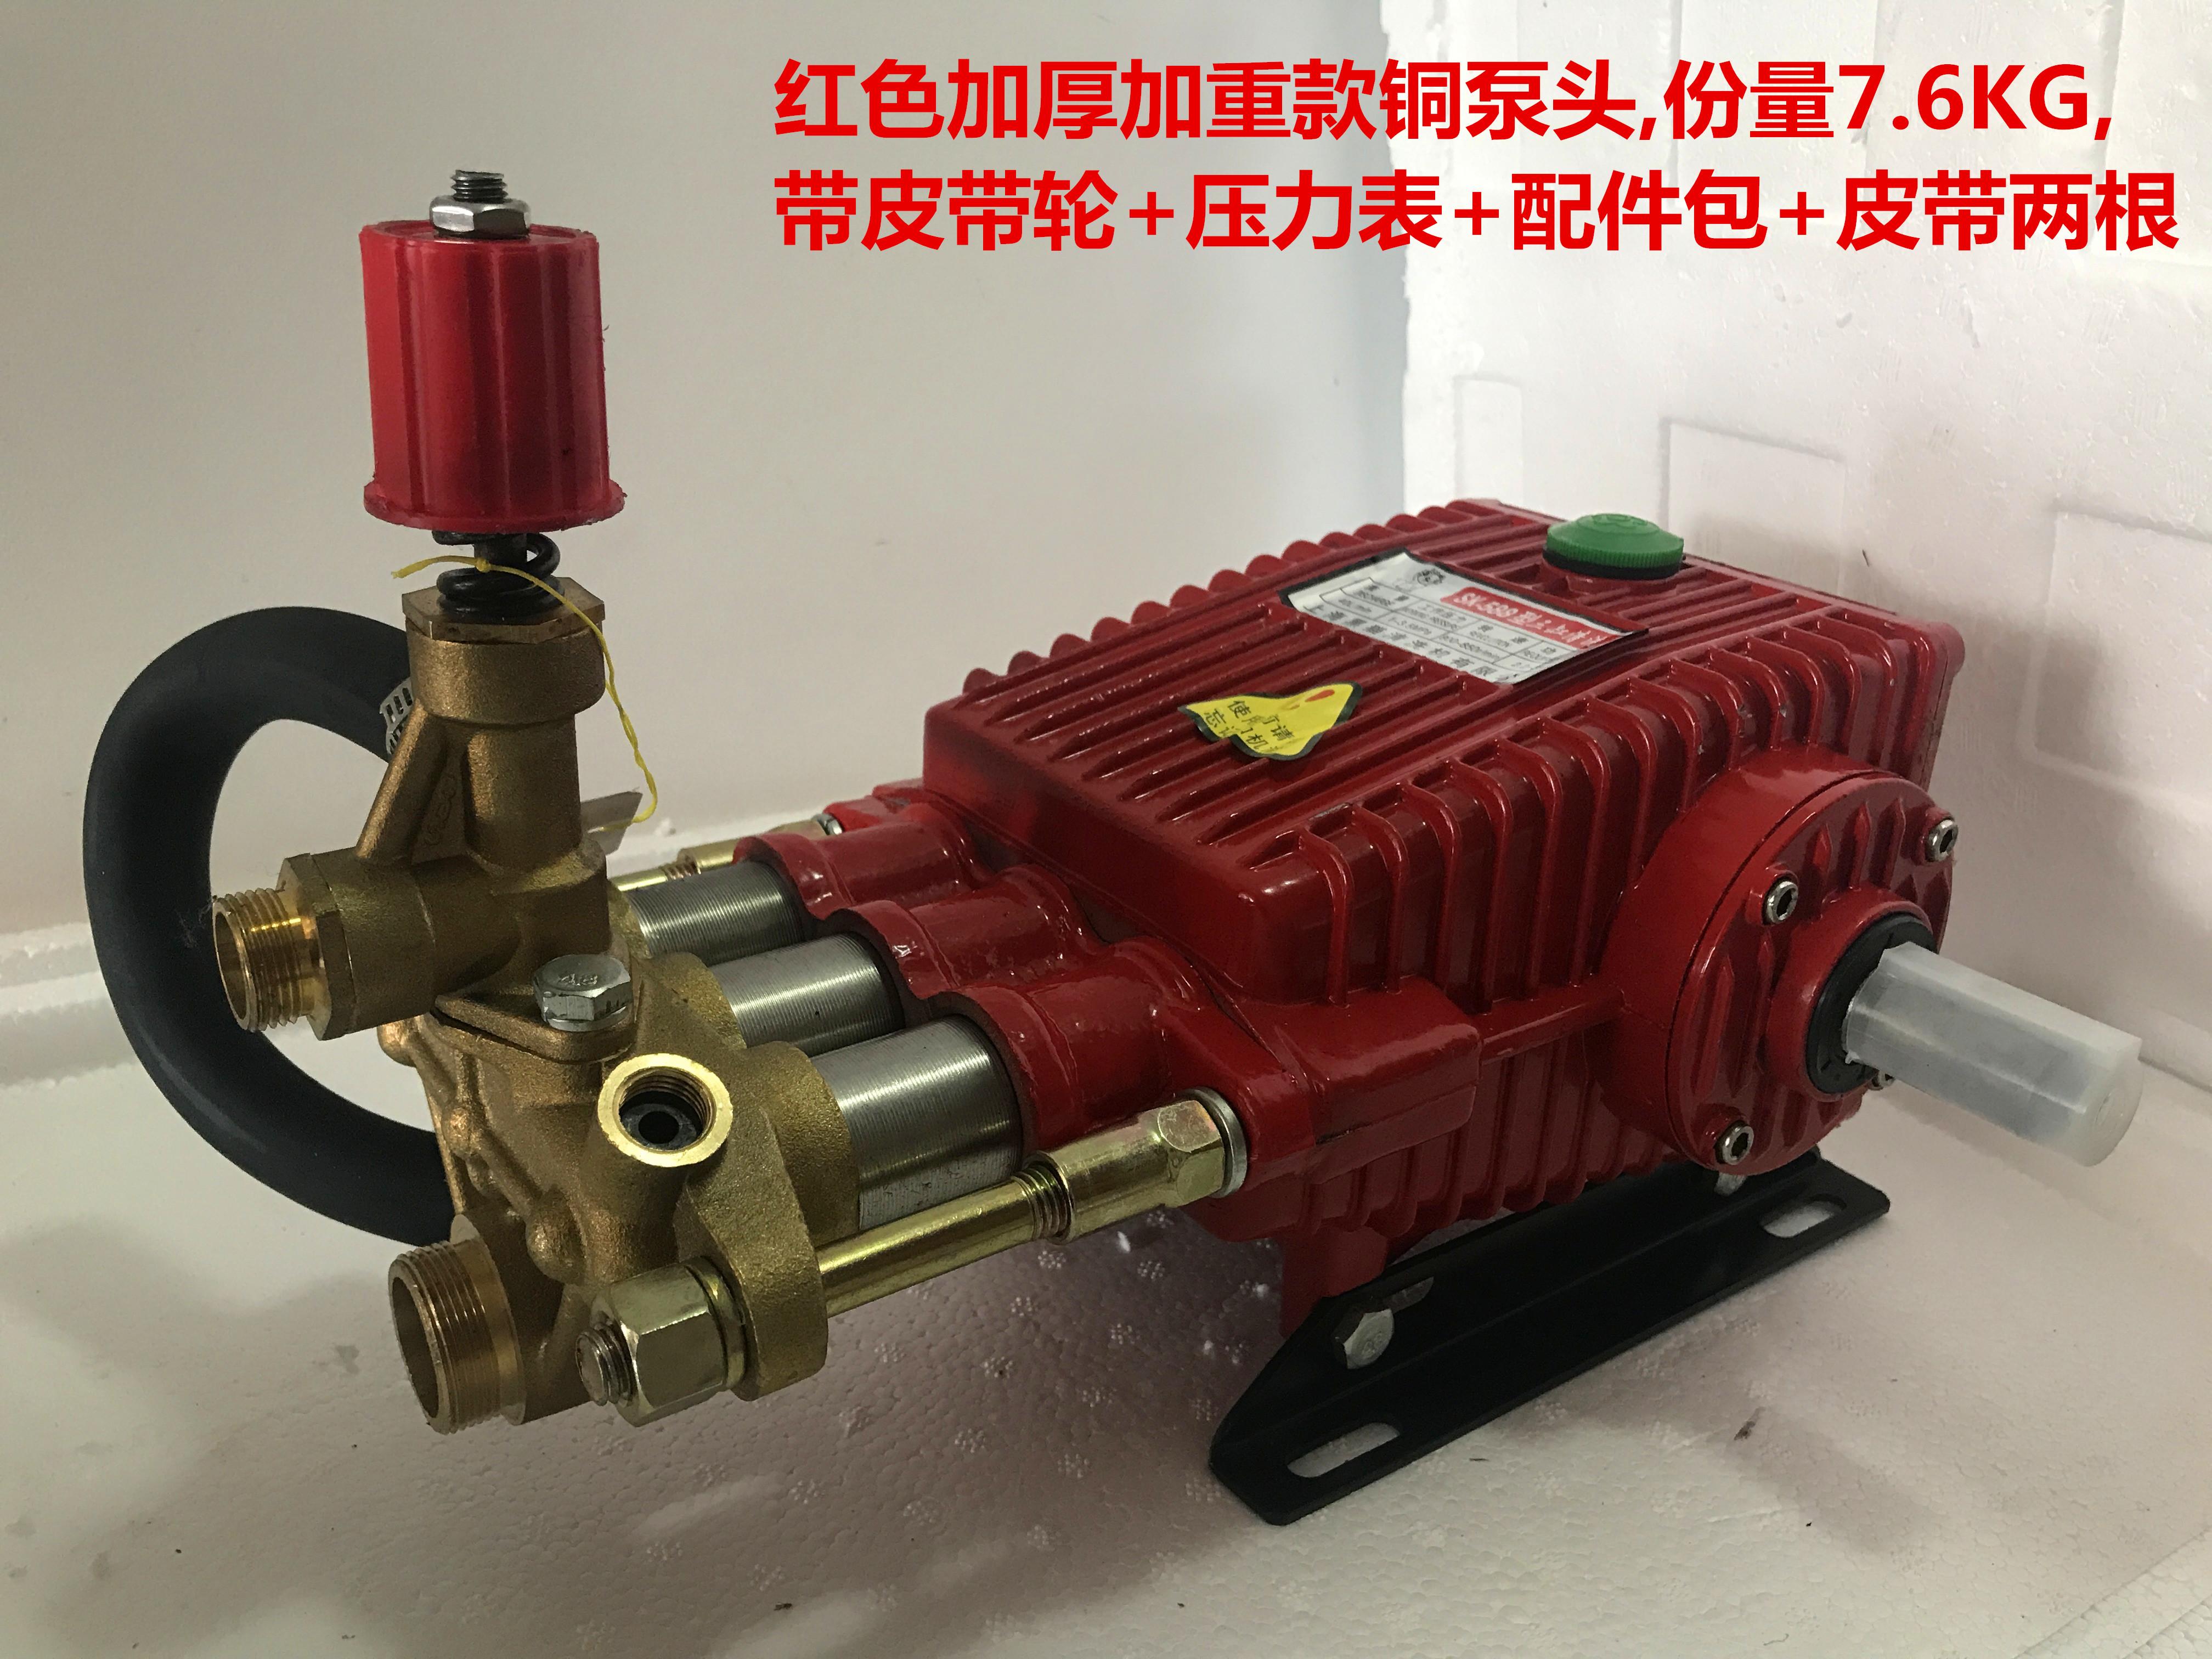 上海黑�商用高�呵逑�C洗�泵刷�器�C55型58型220V高�罕妙^全�~